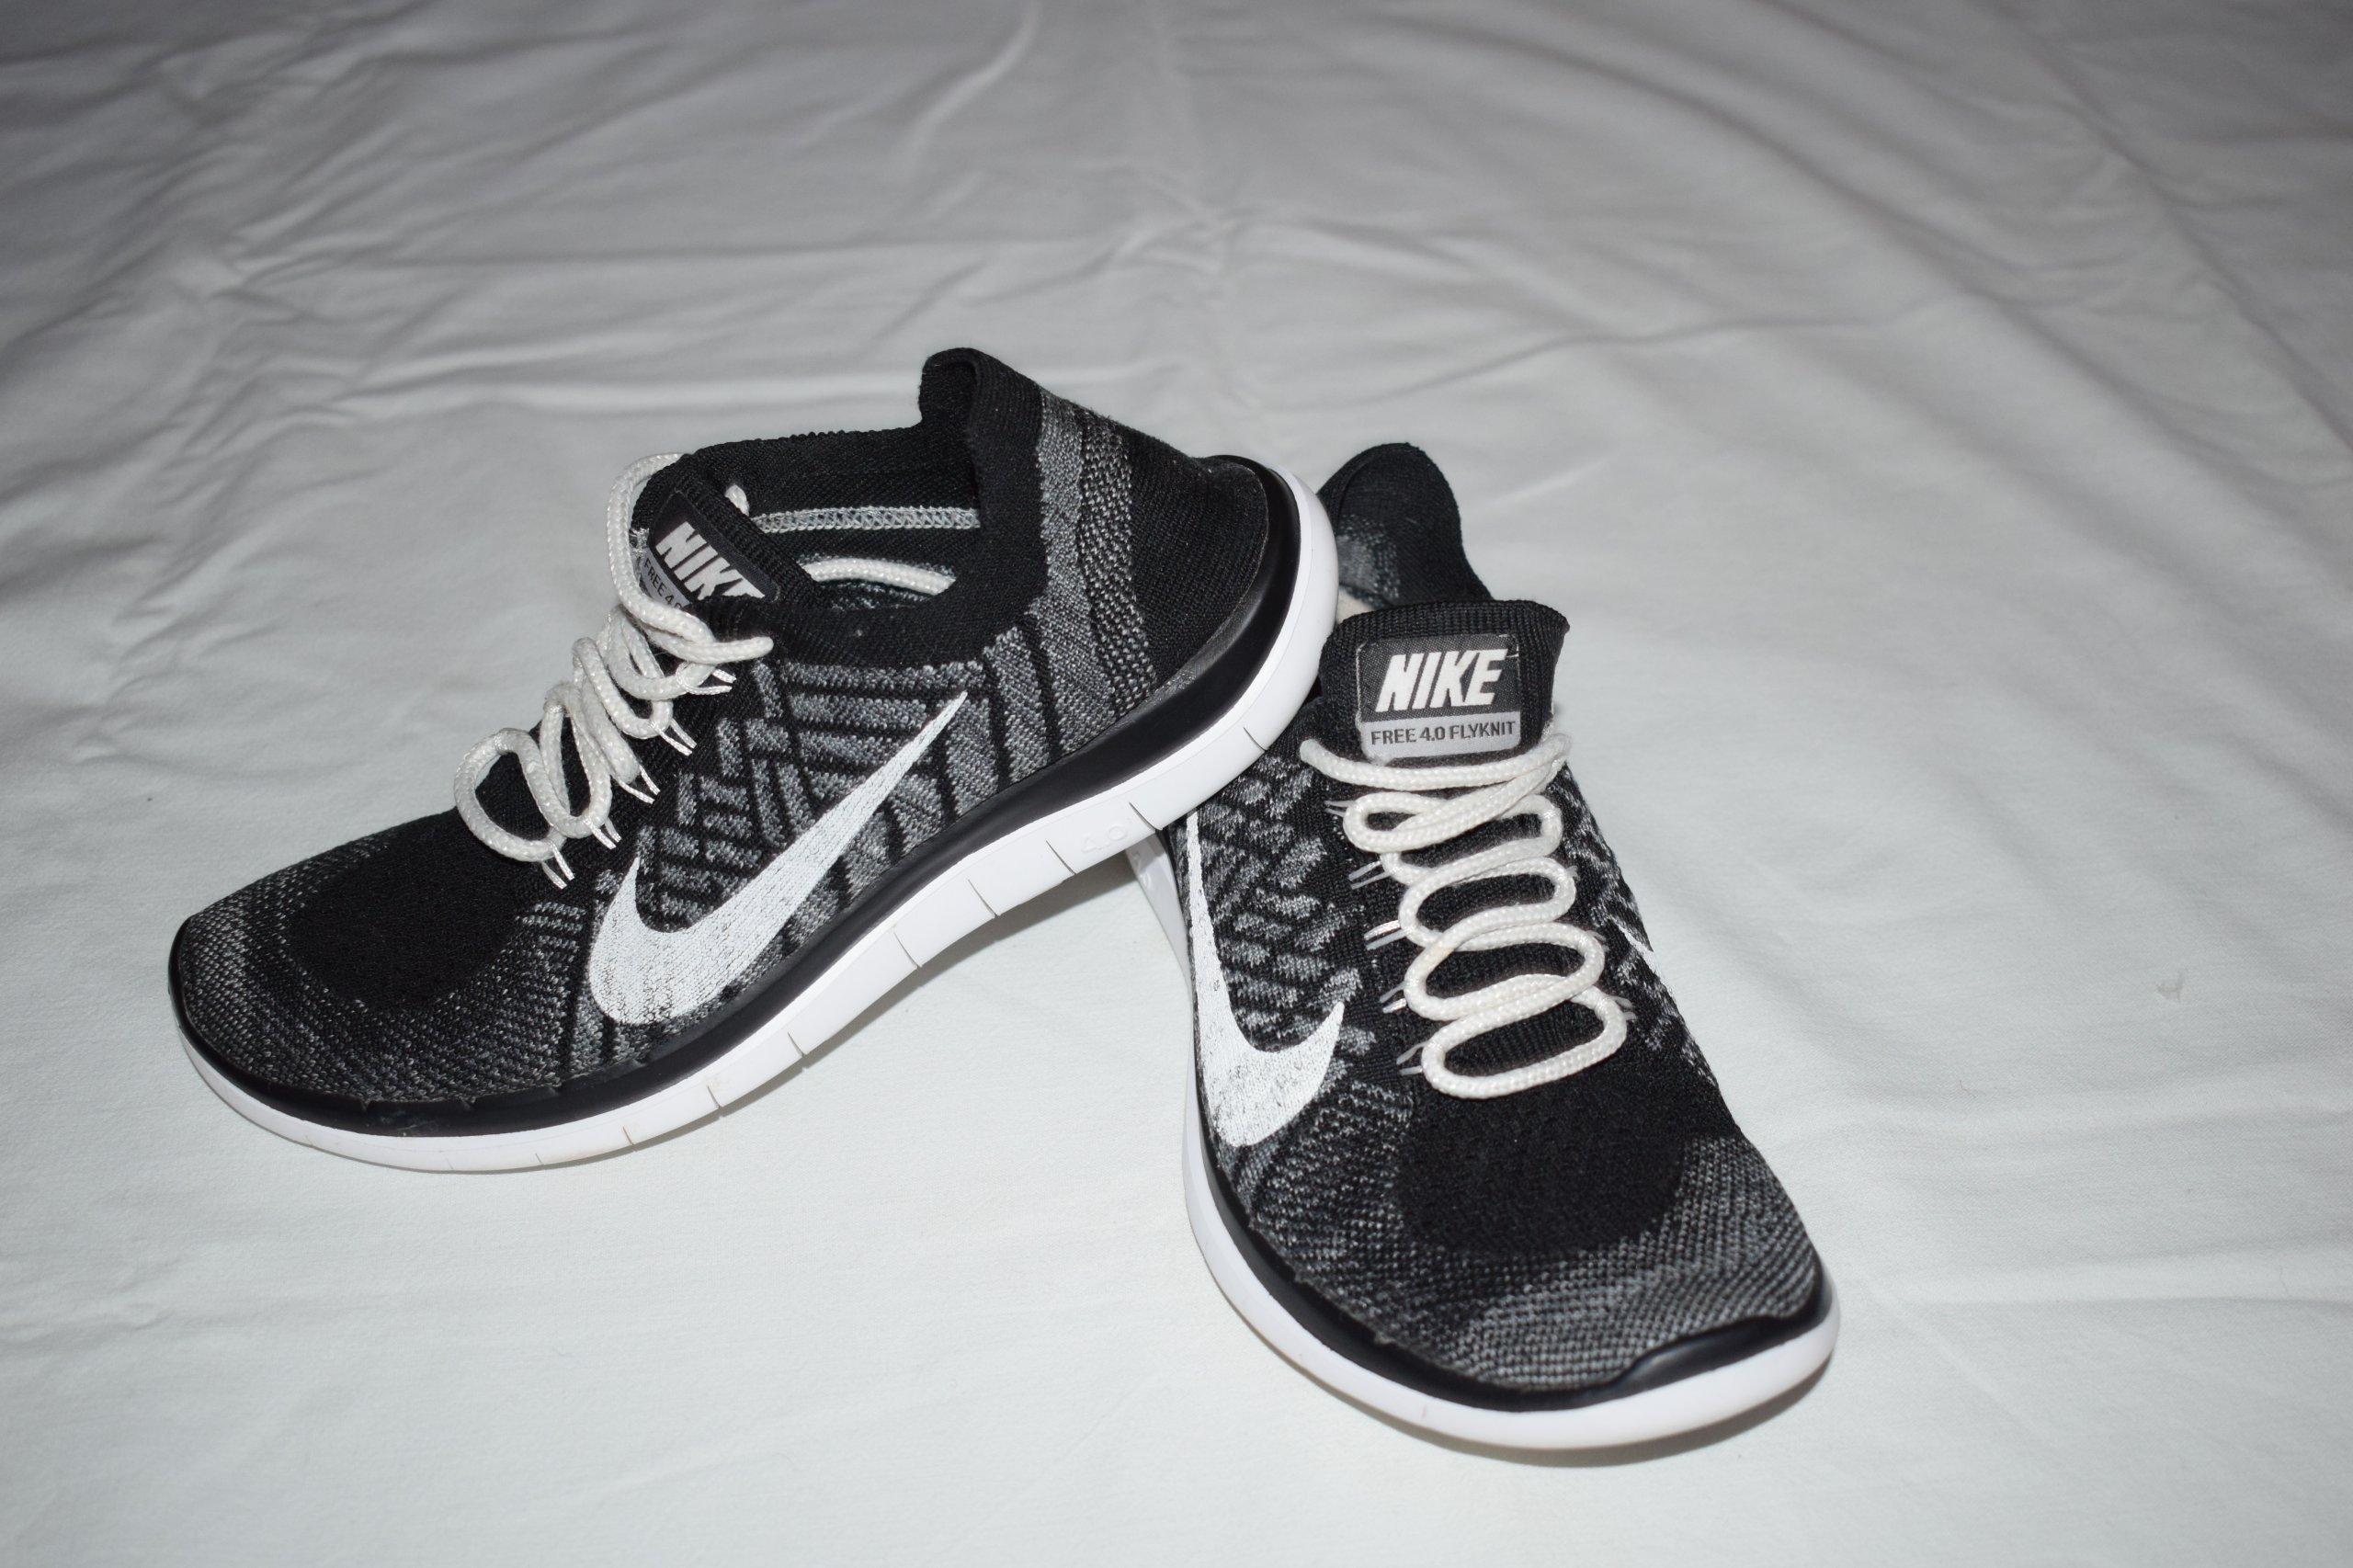 Buty damskie Nike Flyknit Racer 36 37,5 38 39 HIT PL